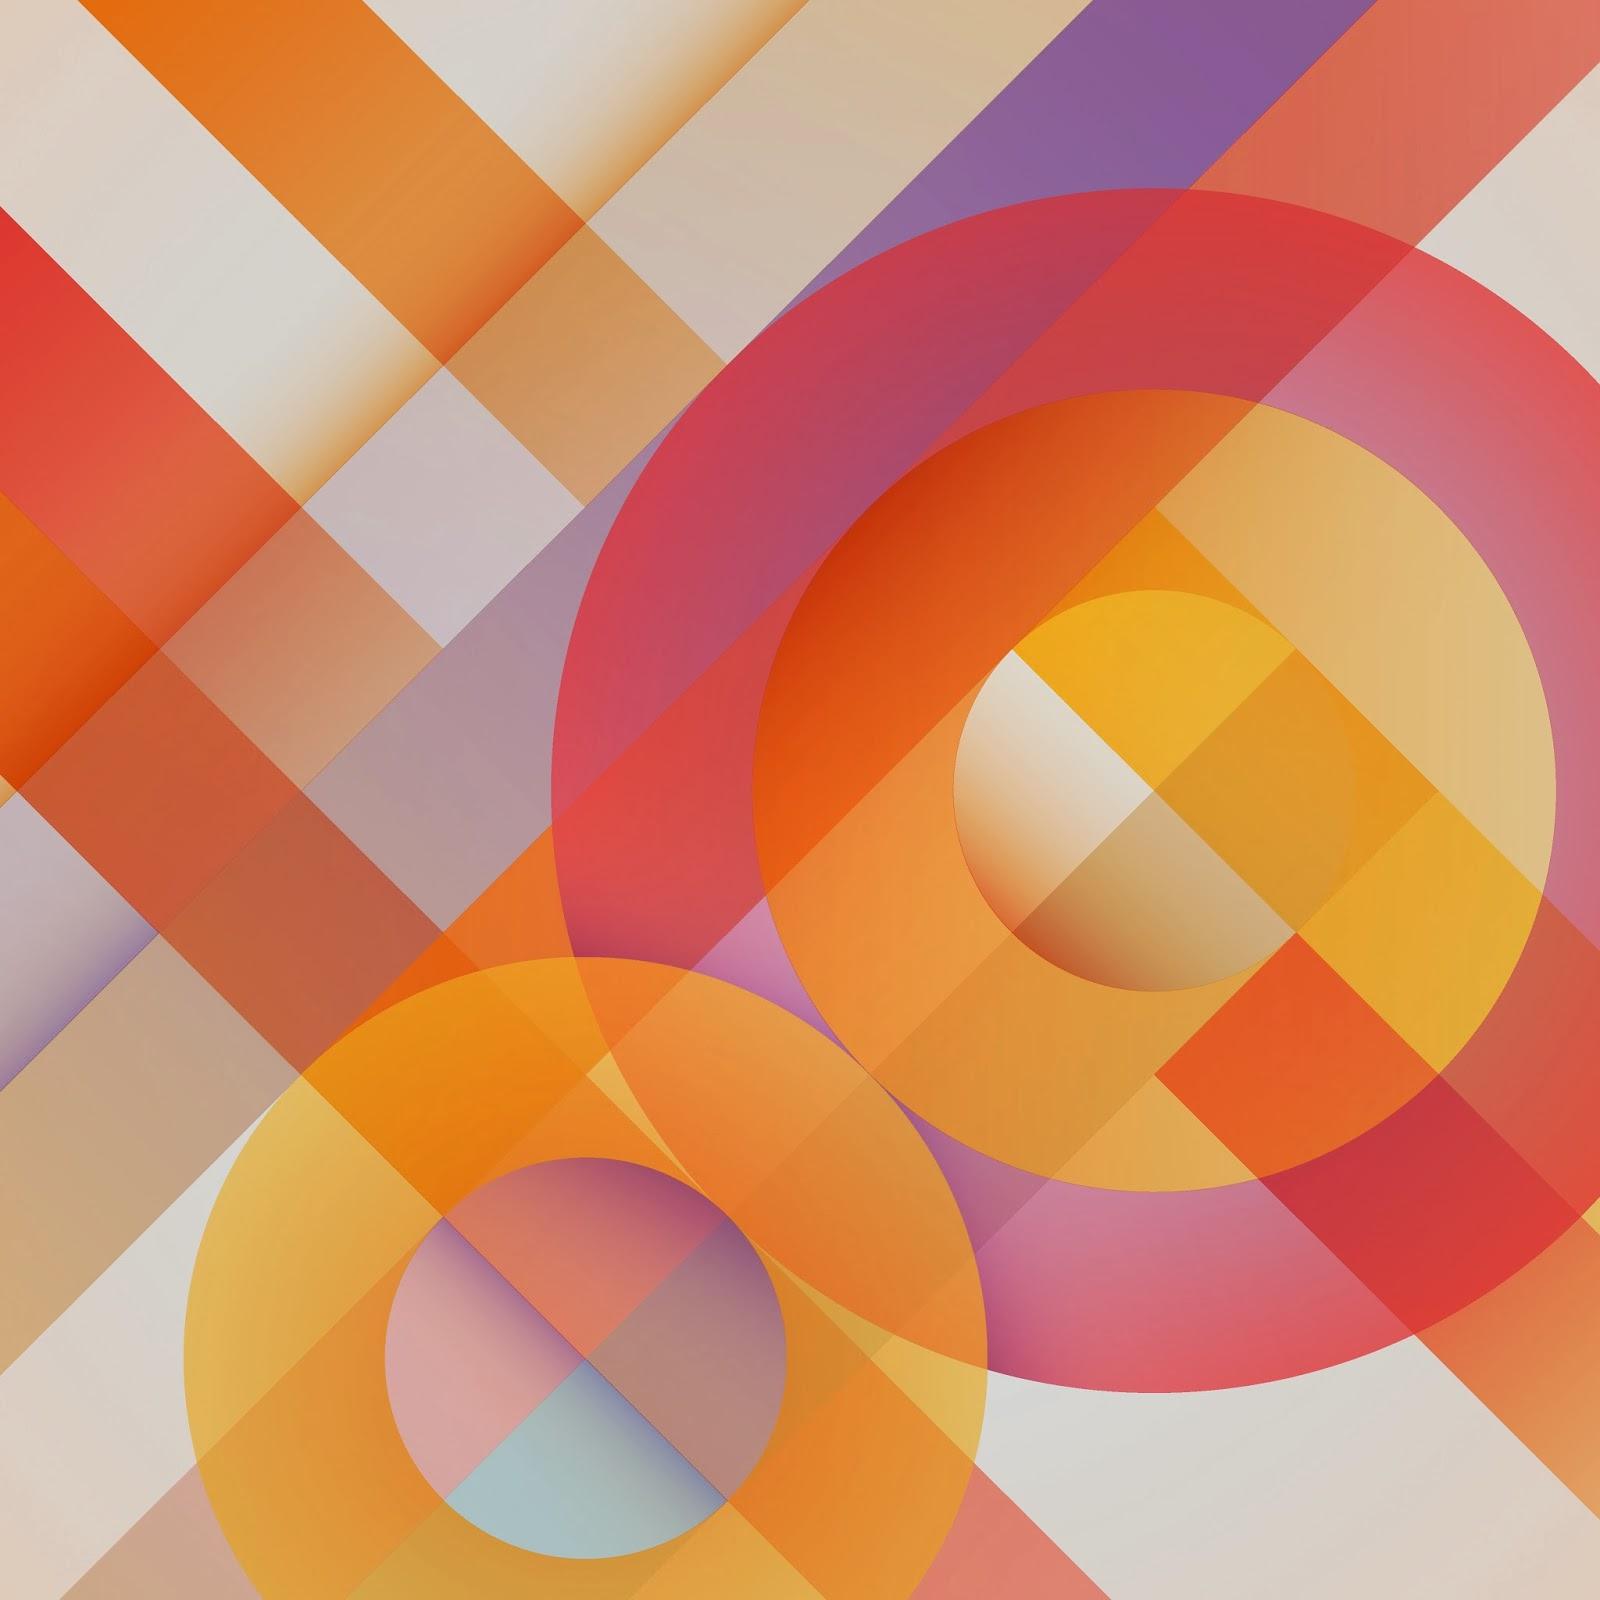 خلفيات اندرويد كيت كات 4.4 | بحرية درويد